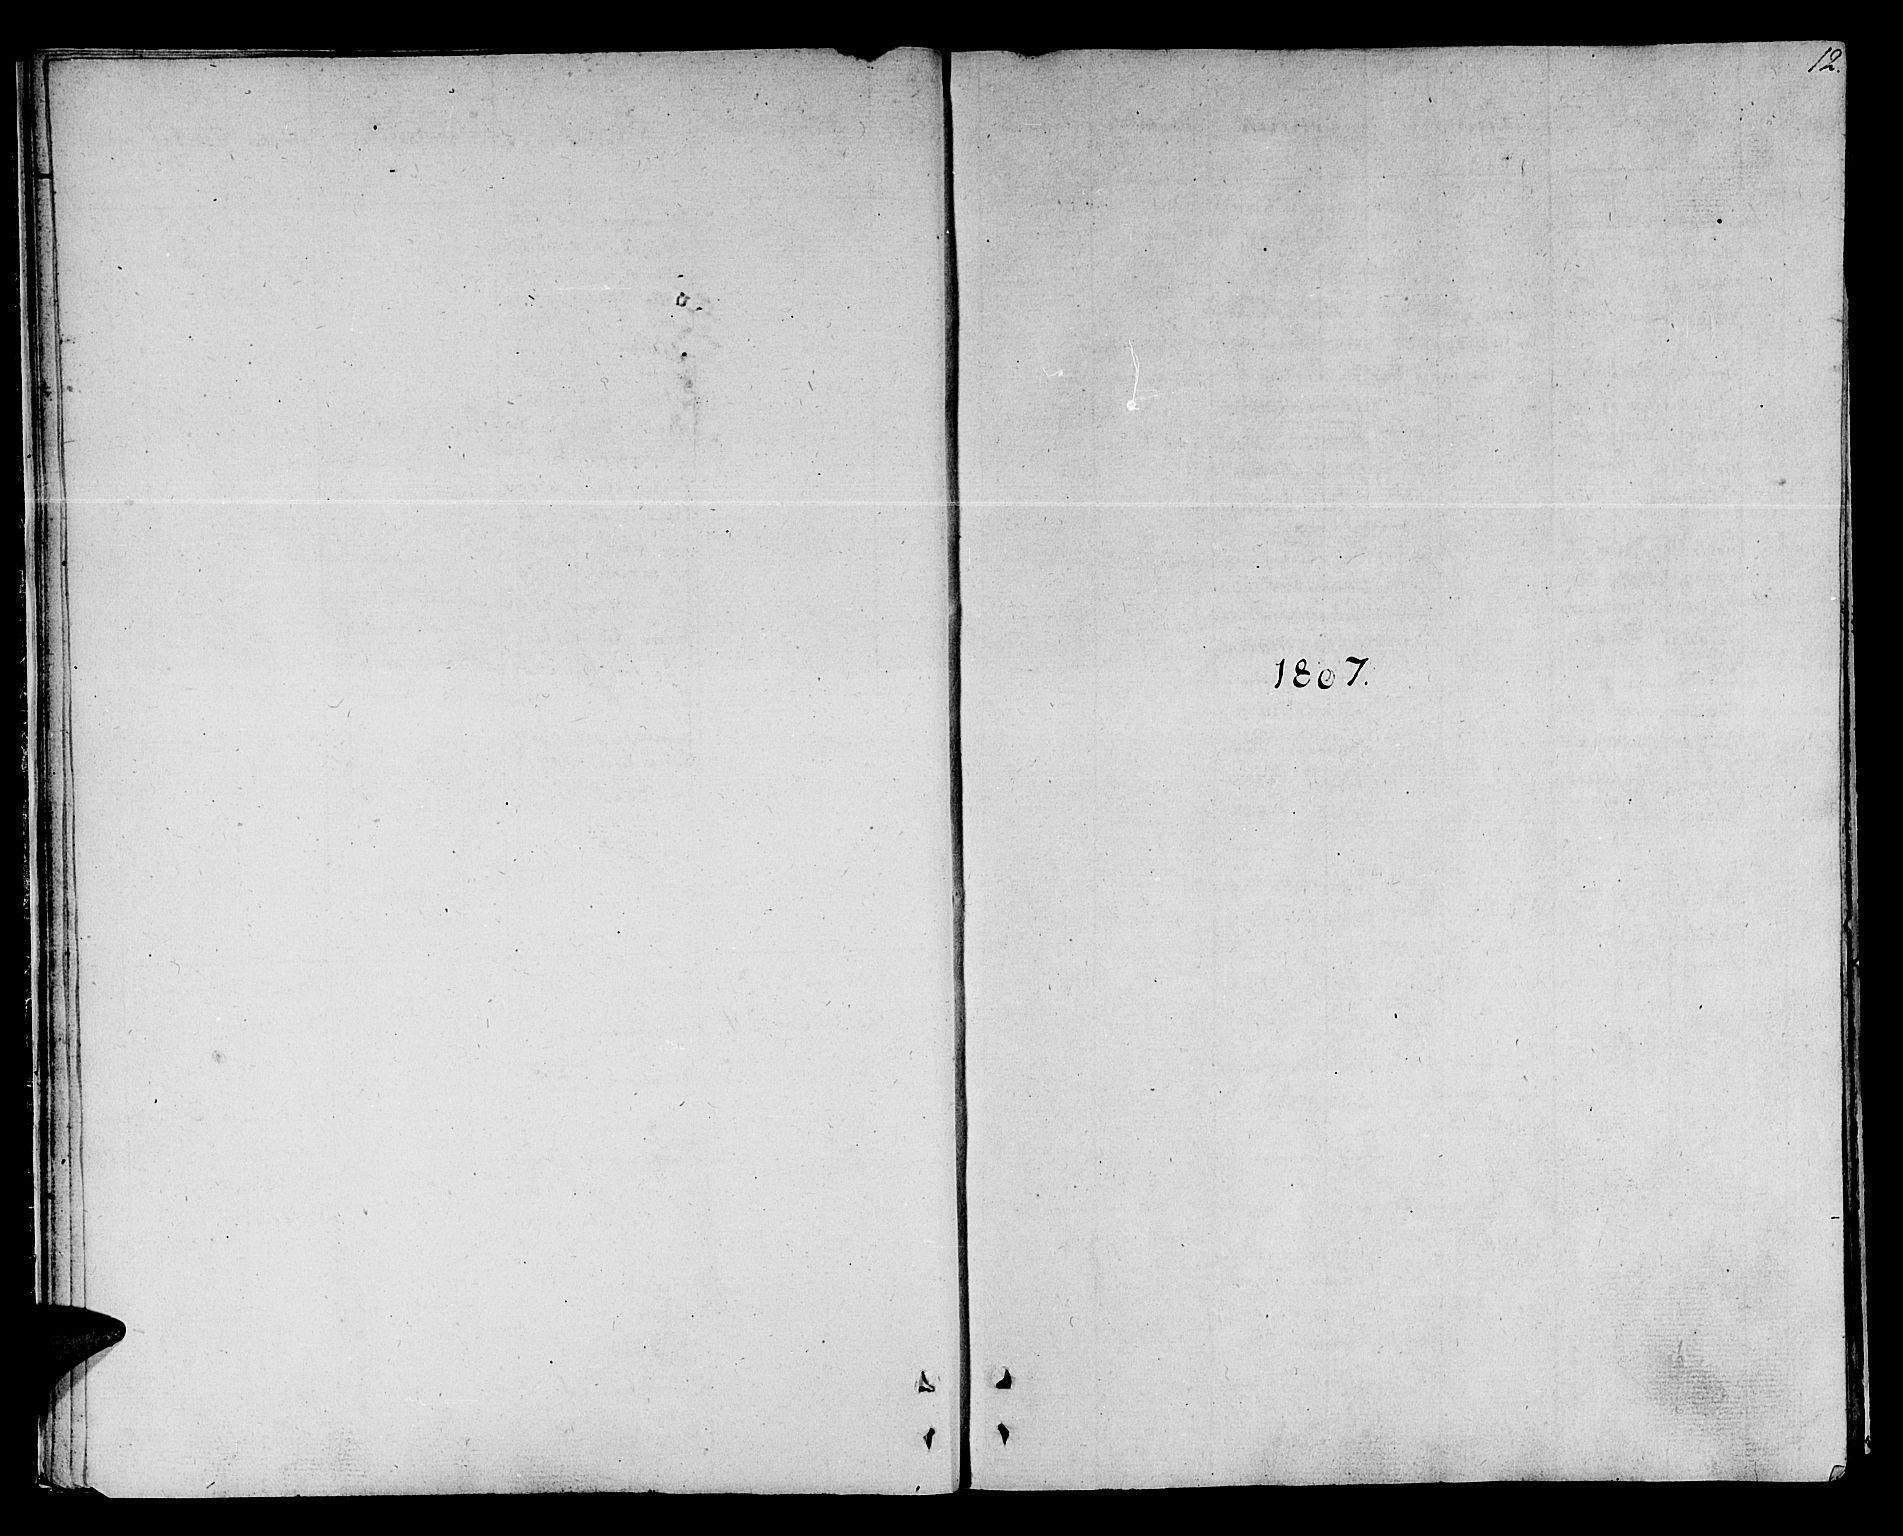 SAT, Ministerialprotokoller, klokkerbøker og fødselsregistre - Sør-Trøndelag, 678/L0894: Ministerialbok nr. 678A04, 1806-1815, s. 12